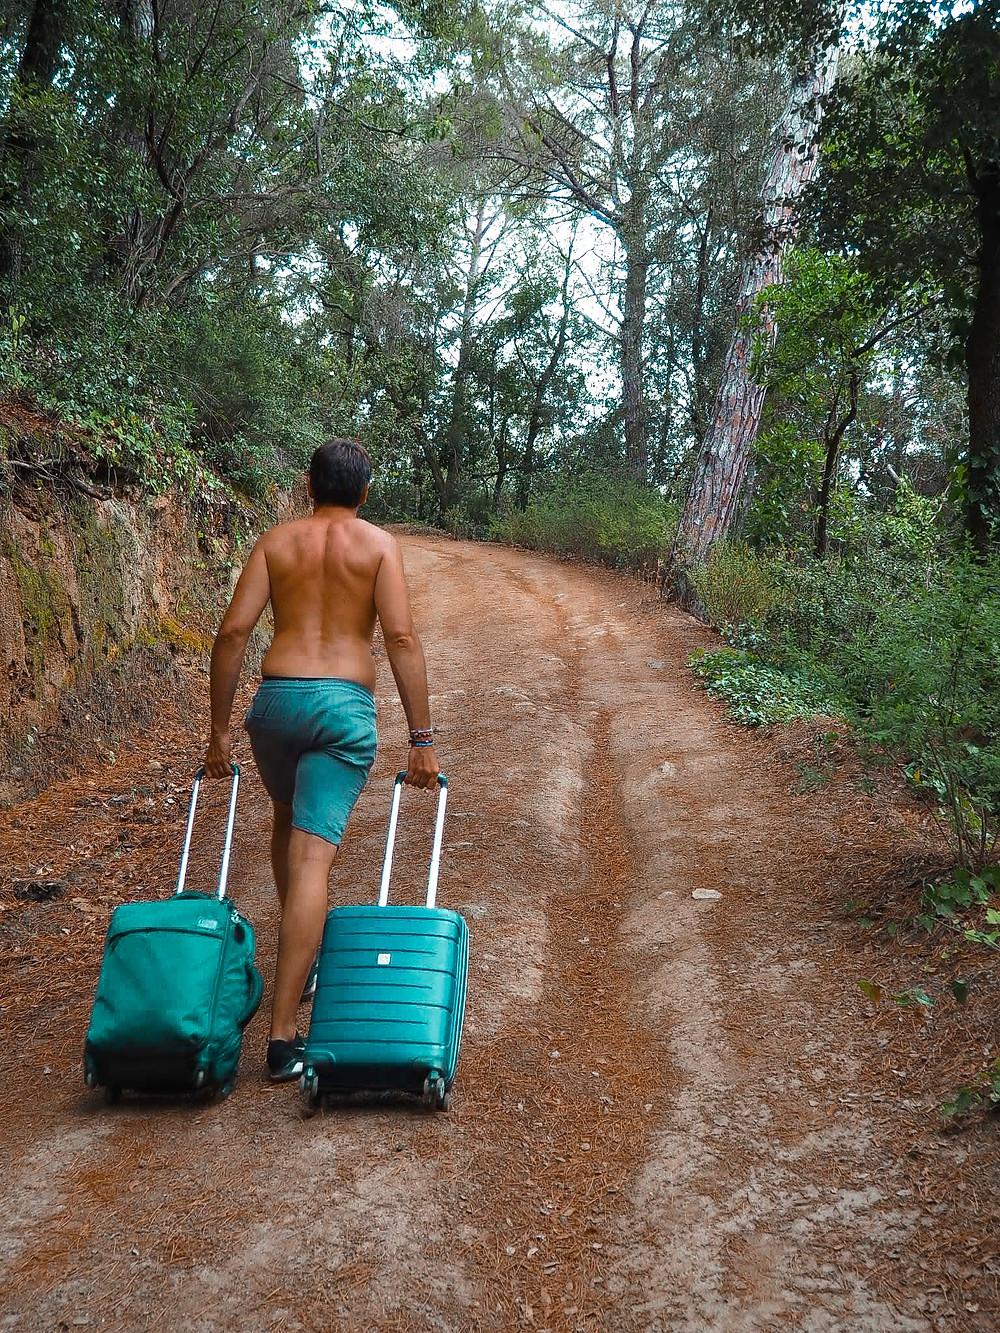 maleta, montaña, naturaleza, hombre